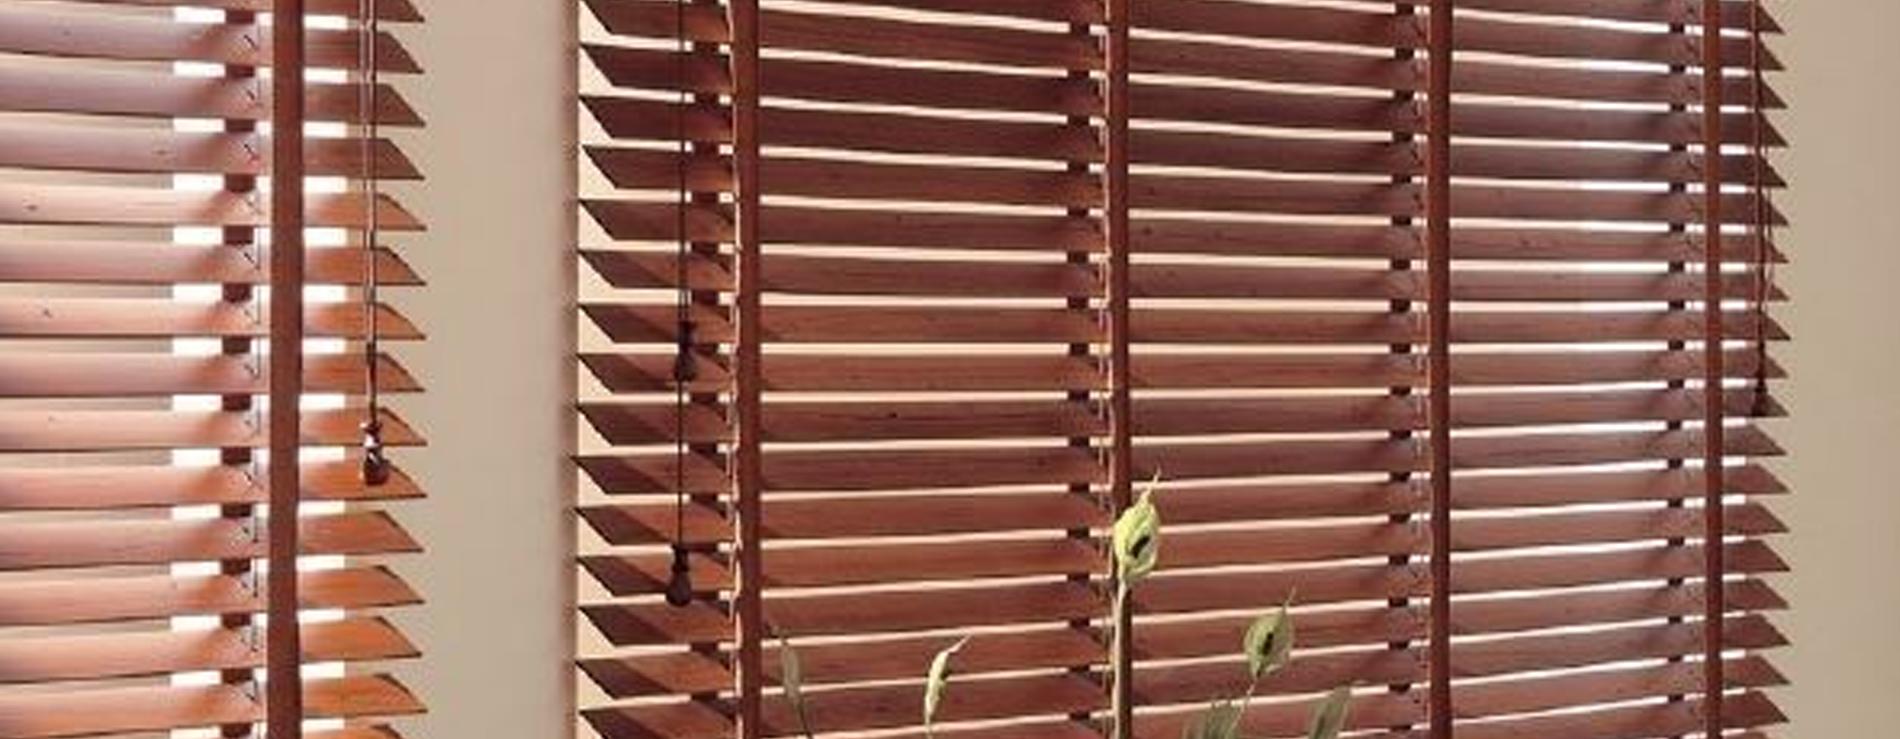 Veneziane in legno mottura centro mobili - Veneziane legno ikea ...